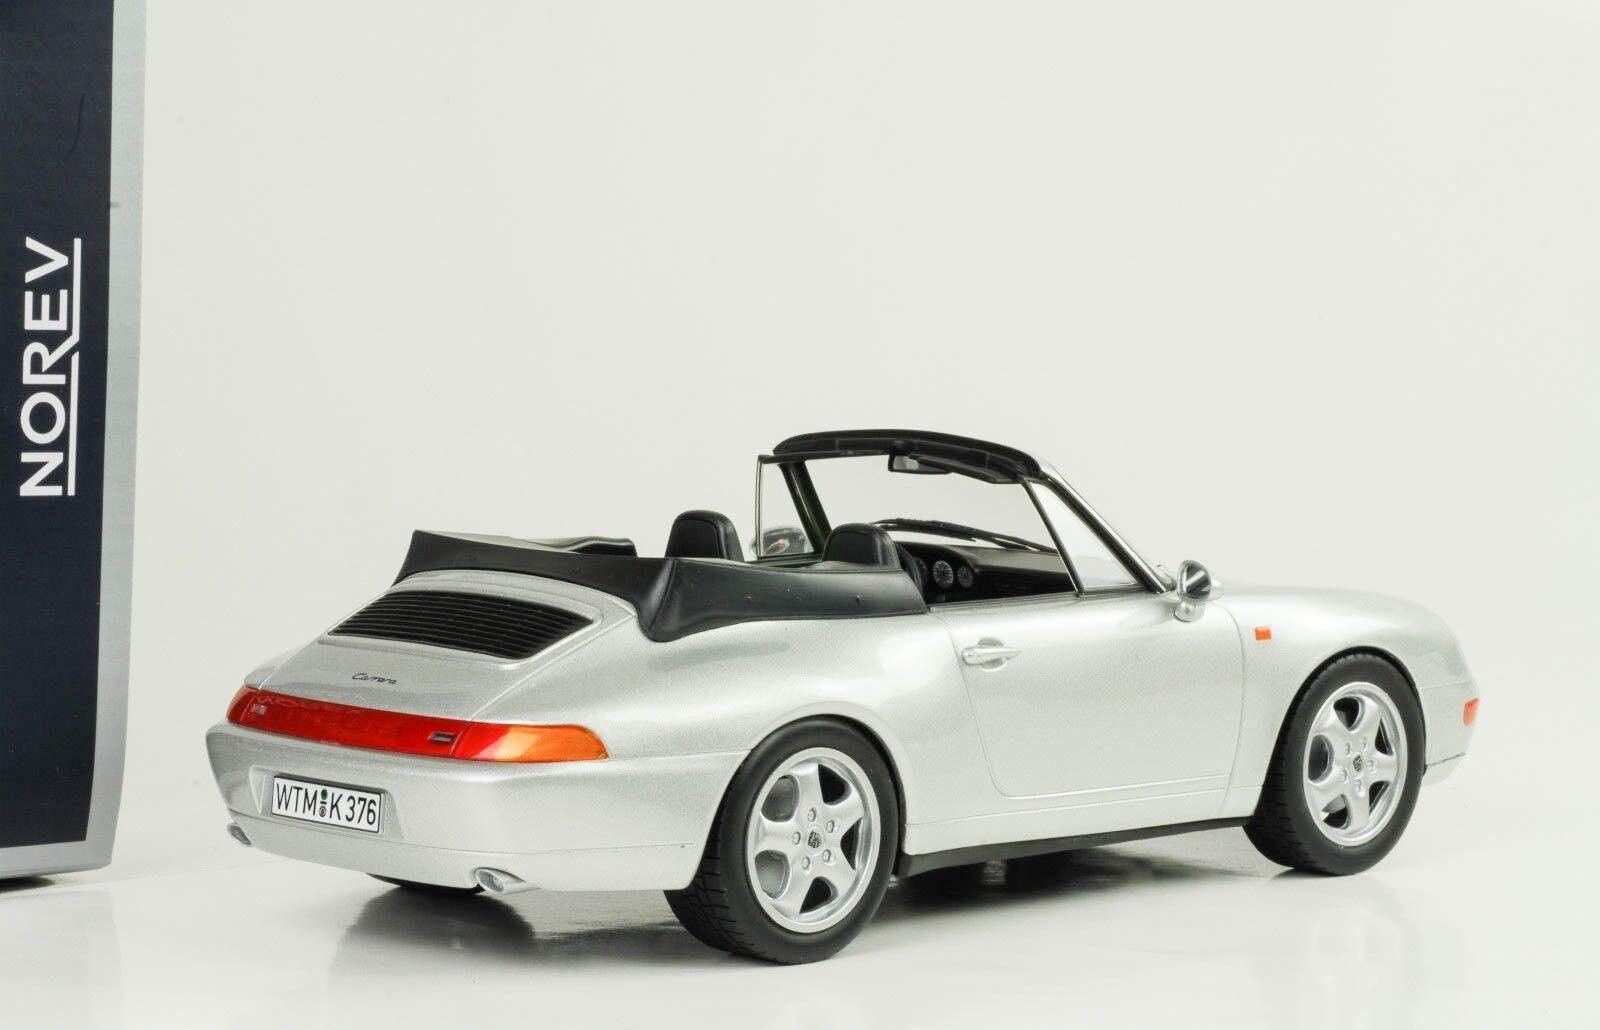 1995 Porsche 911 993 Cabriolet avec Roof Argent Argent, Échelle 1:18 Norev | Authentique  | Exquis  | Une Grande Variété De Modèles 2019 New